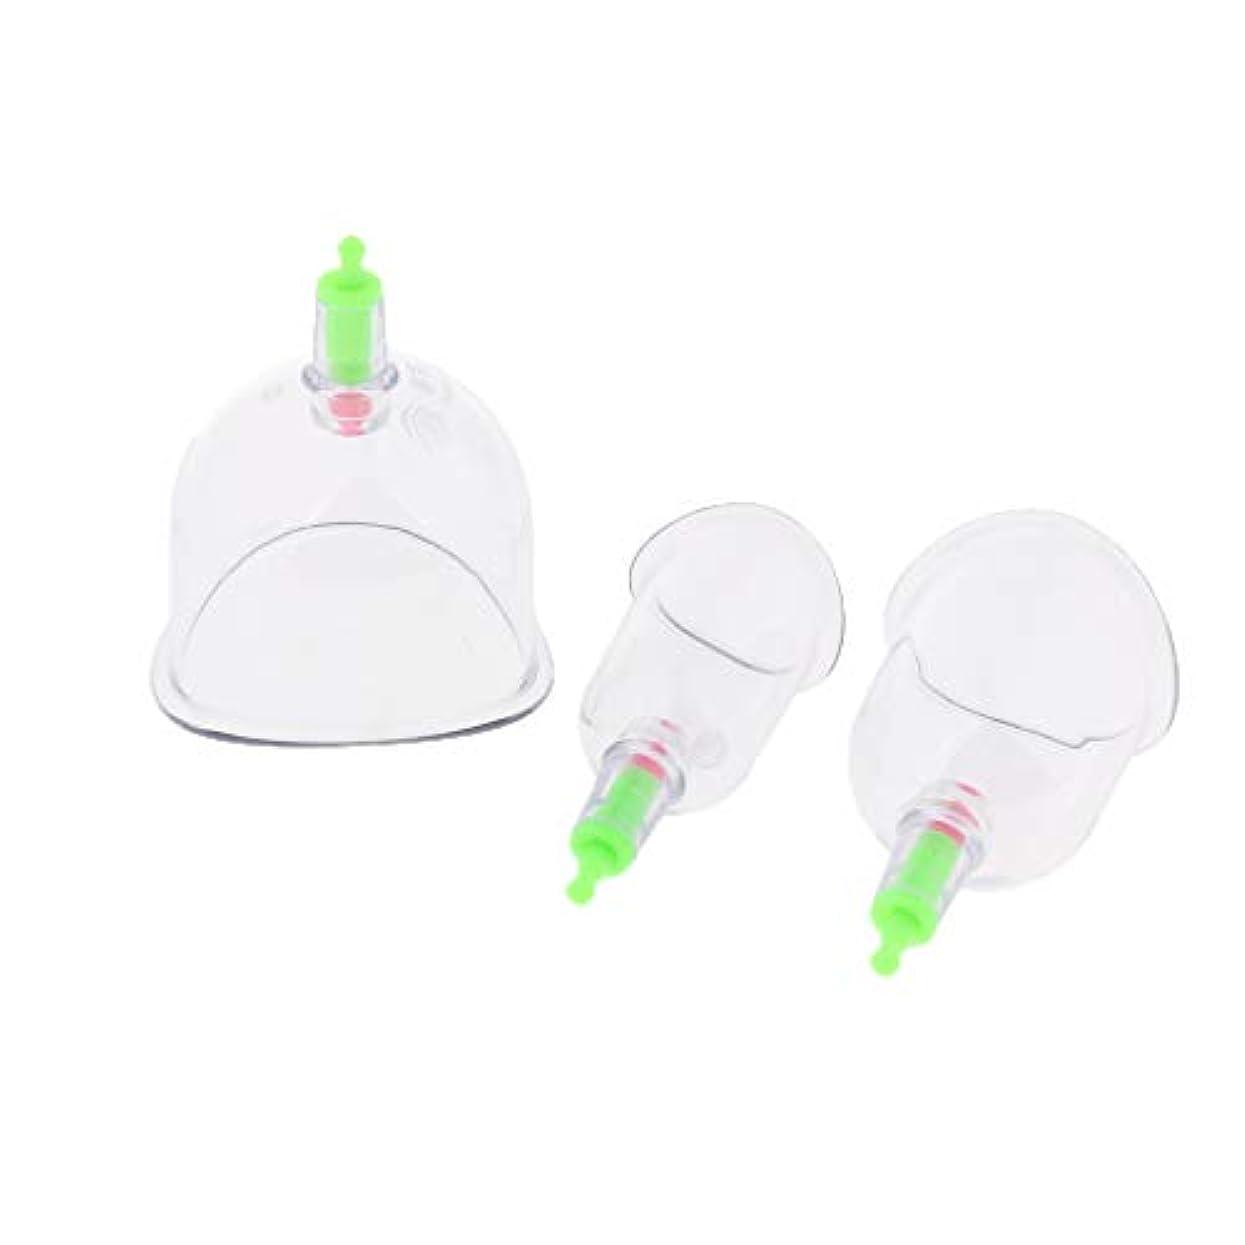 残基驚くばかり安息FLAMEER 真空カッピングセット 透明なボディマッサージカップ 吸い玉 プラスチック 健康ケア 男女兼用 3個入